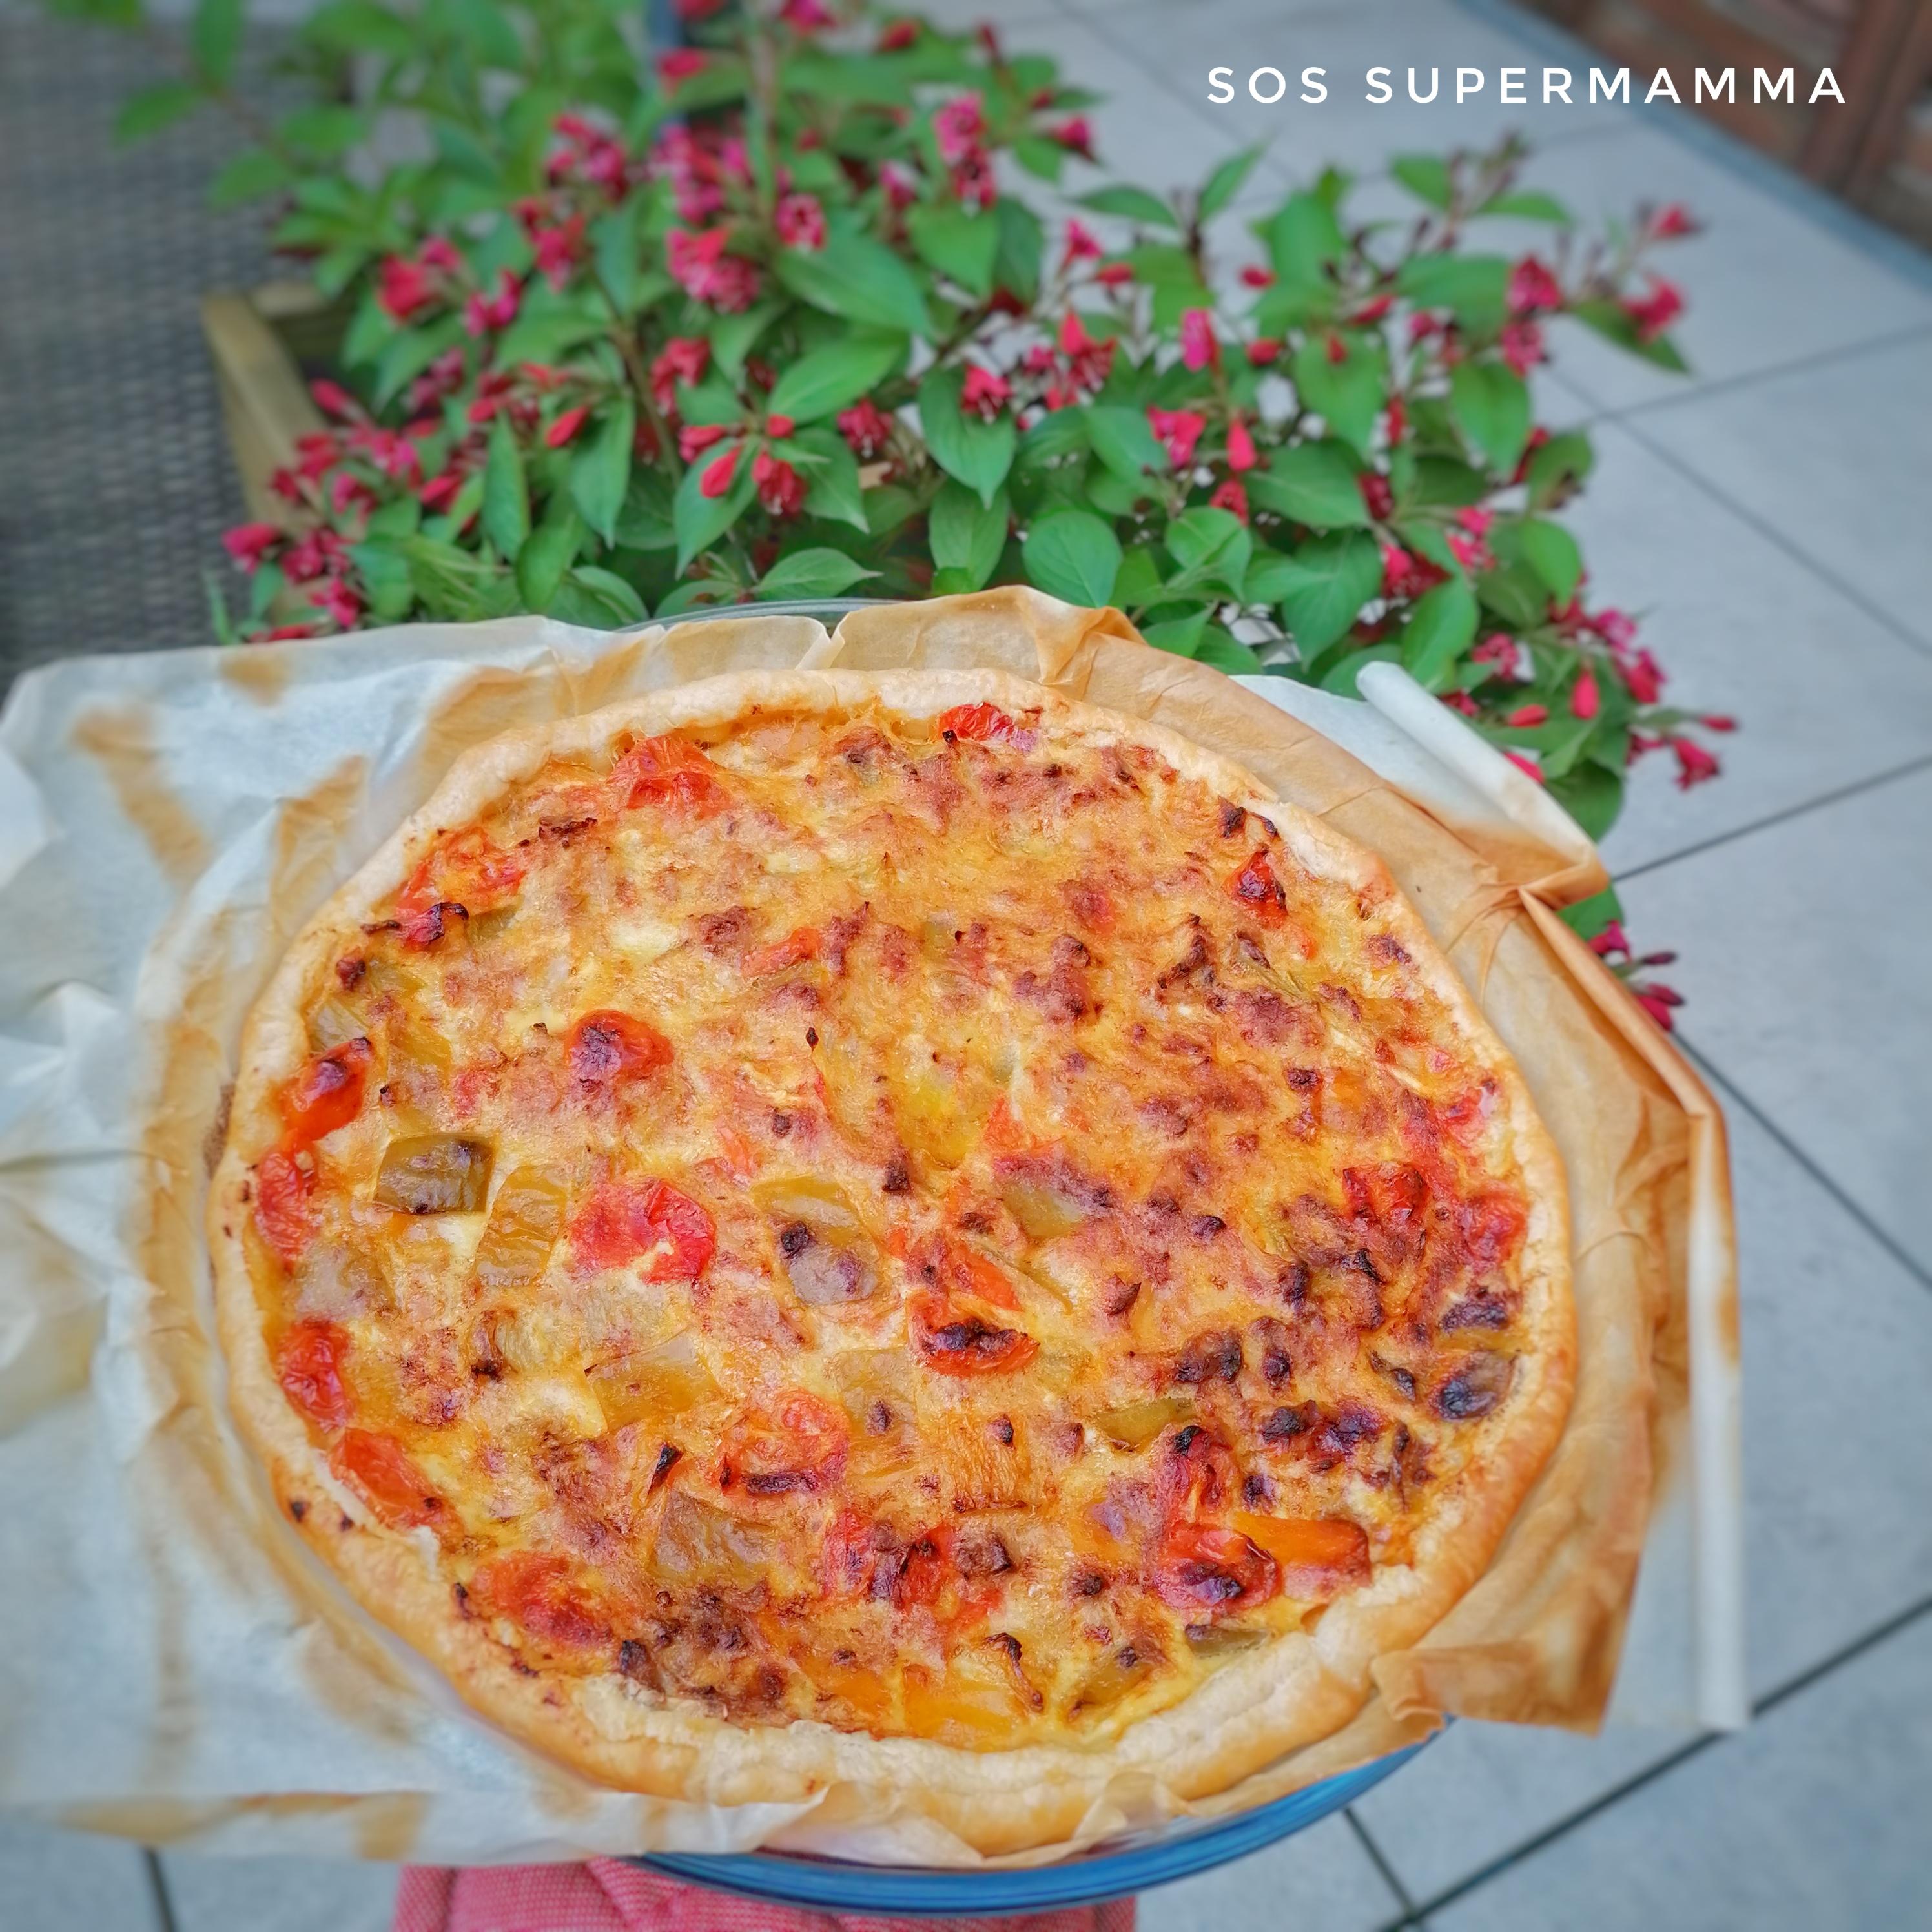 Torta salata rustica - Foto di Sossupermamma -